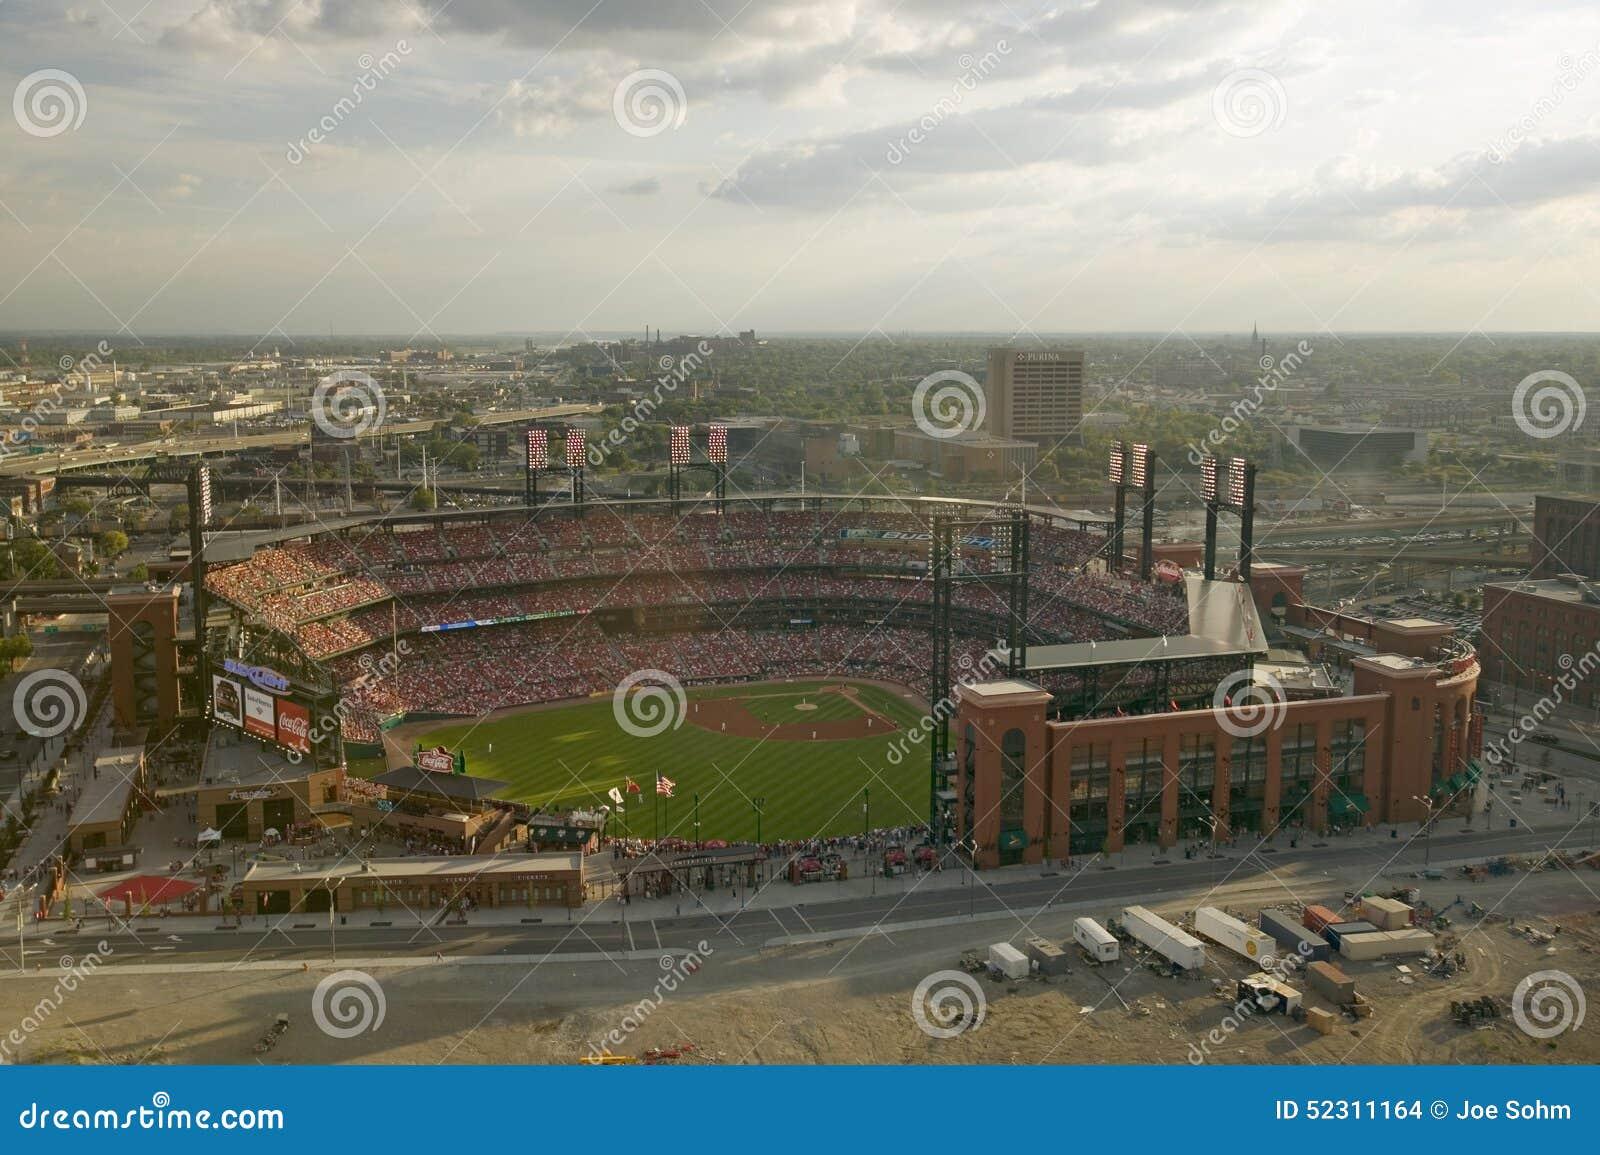 Podwyższony widok trzeci busch stadium, St Louis, Missouri, dokąd pittsburgh pirates rytm 2006 mistrzostw świata Wstawia się